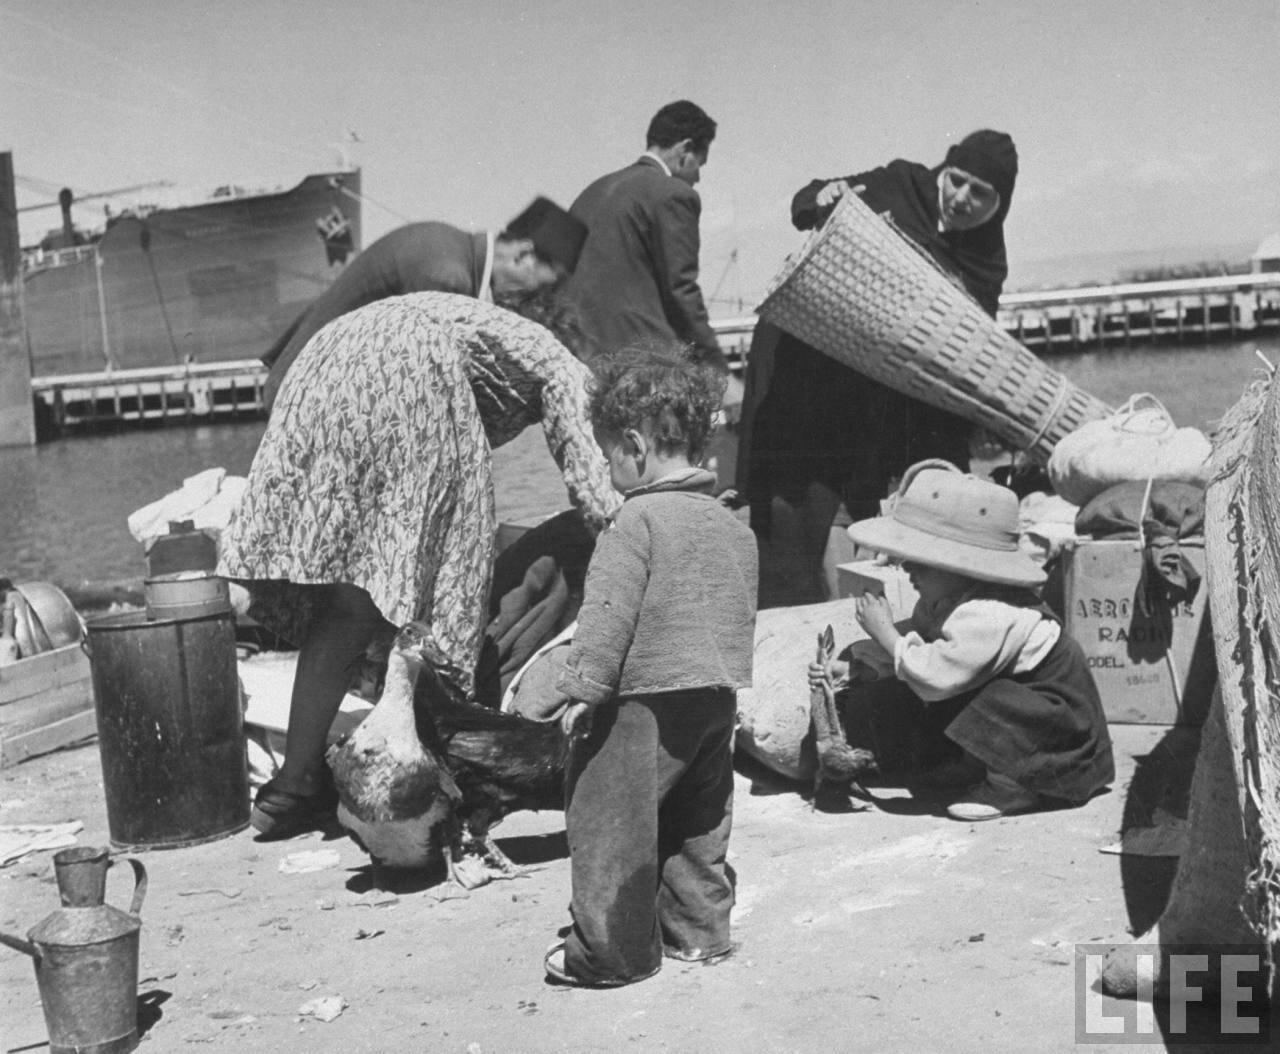 1948. Арабские беженцы поднимаются на борт британского судна